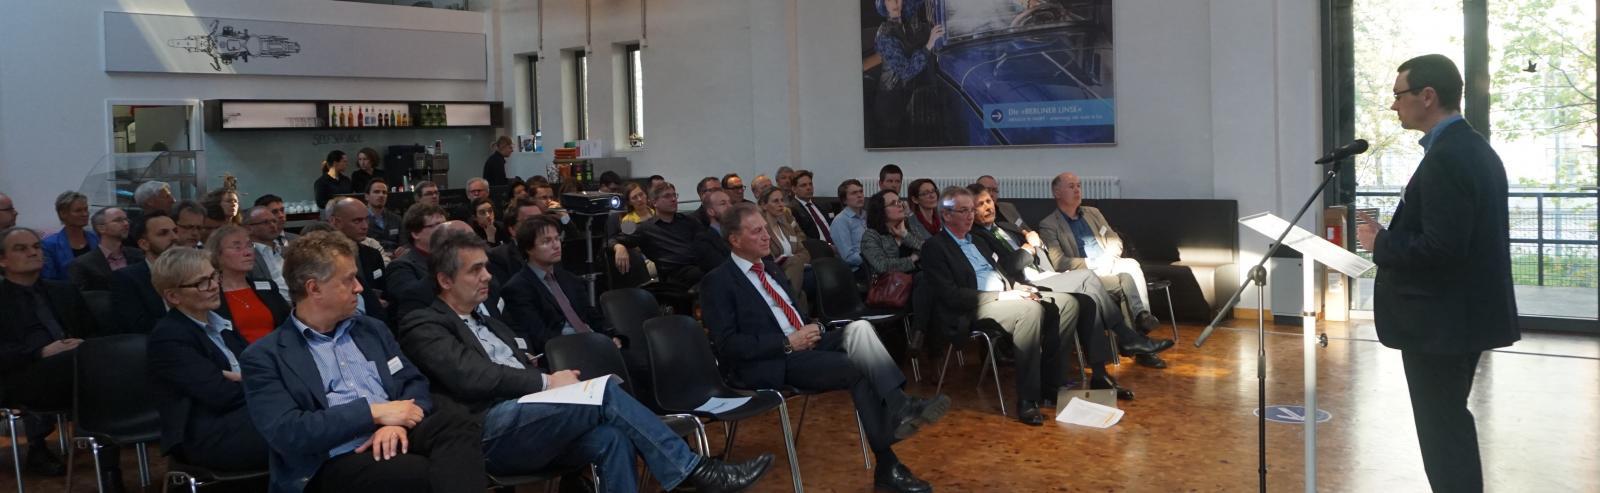 bcs-Vorstand Niklas Wachholtz erläutert die Verbandsposition